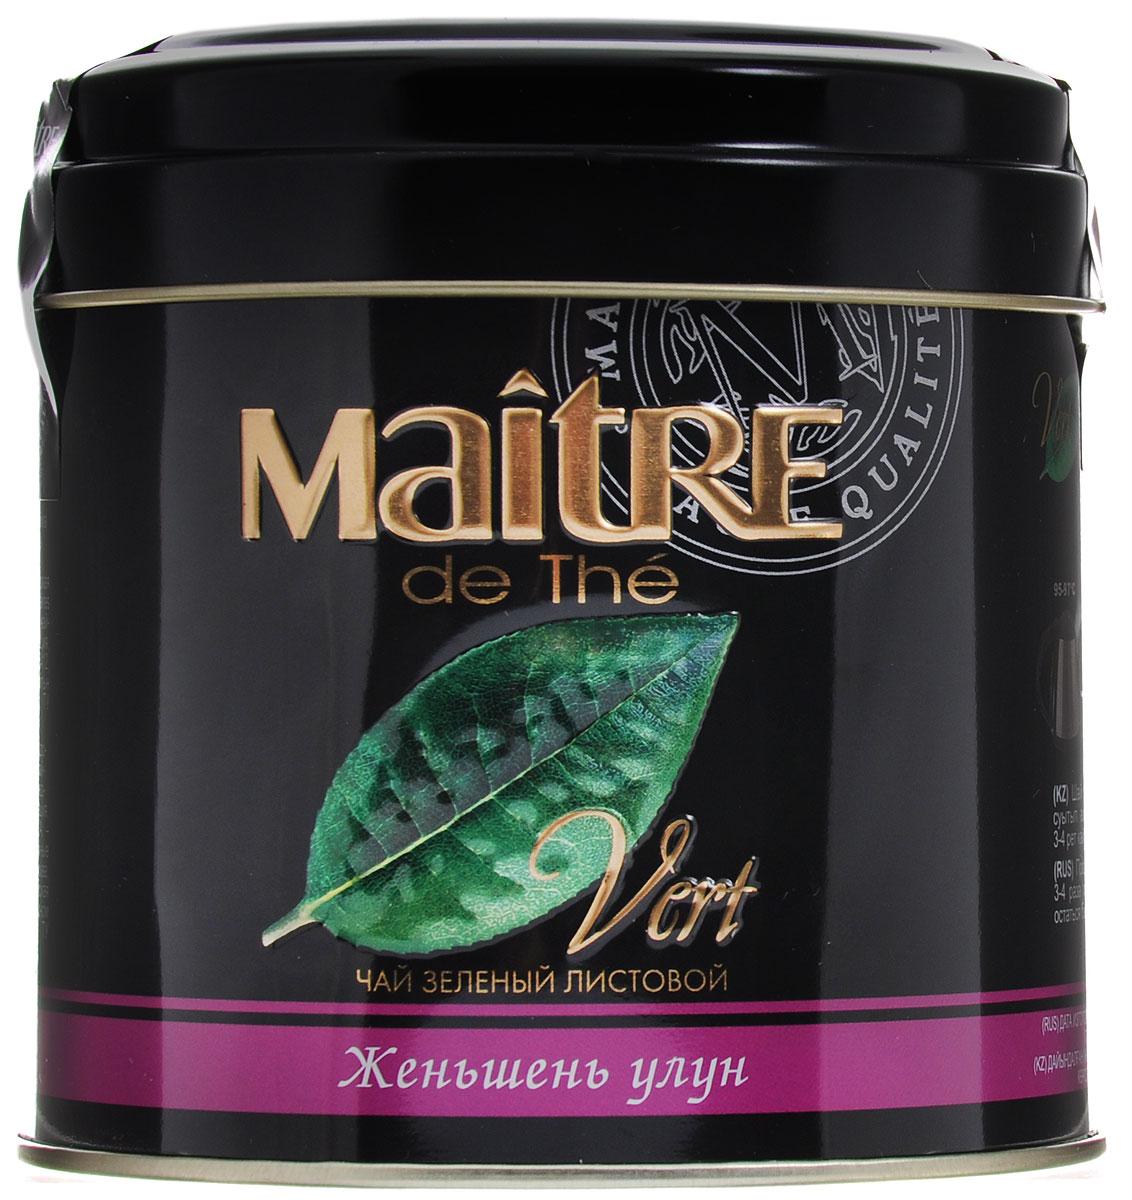 где купить Maitre de The Женьшень улун зеленый листовой чай, 150 г (жестяная банка) по лучшей цене